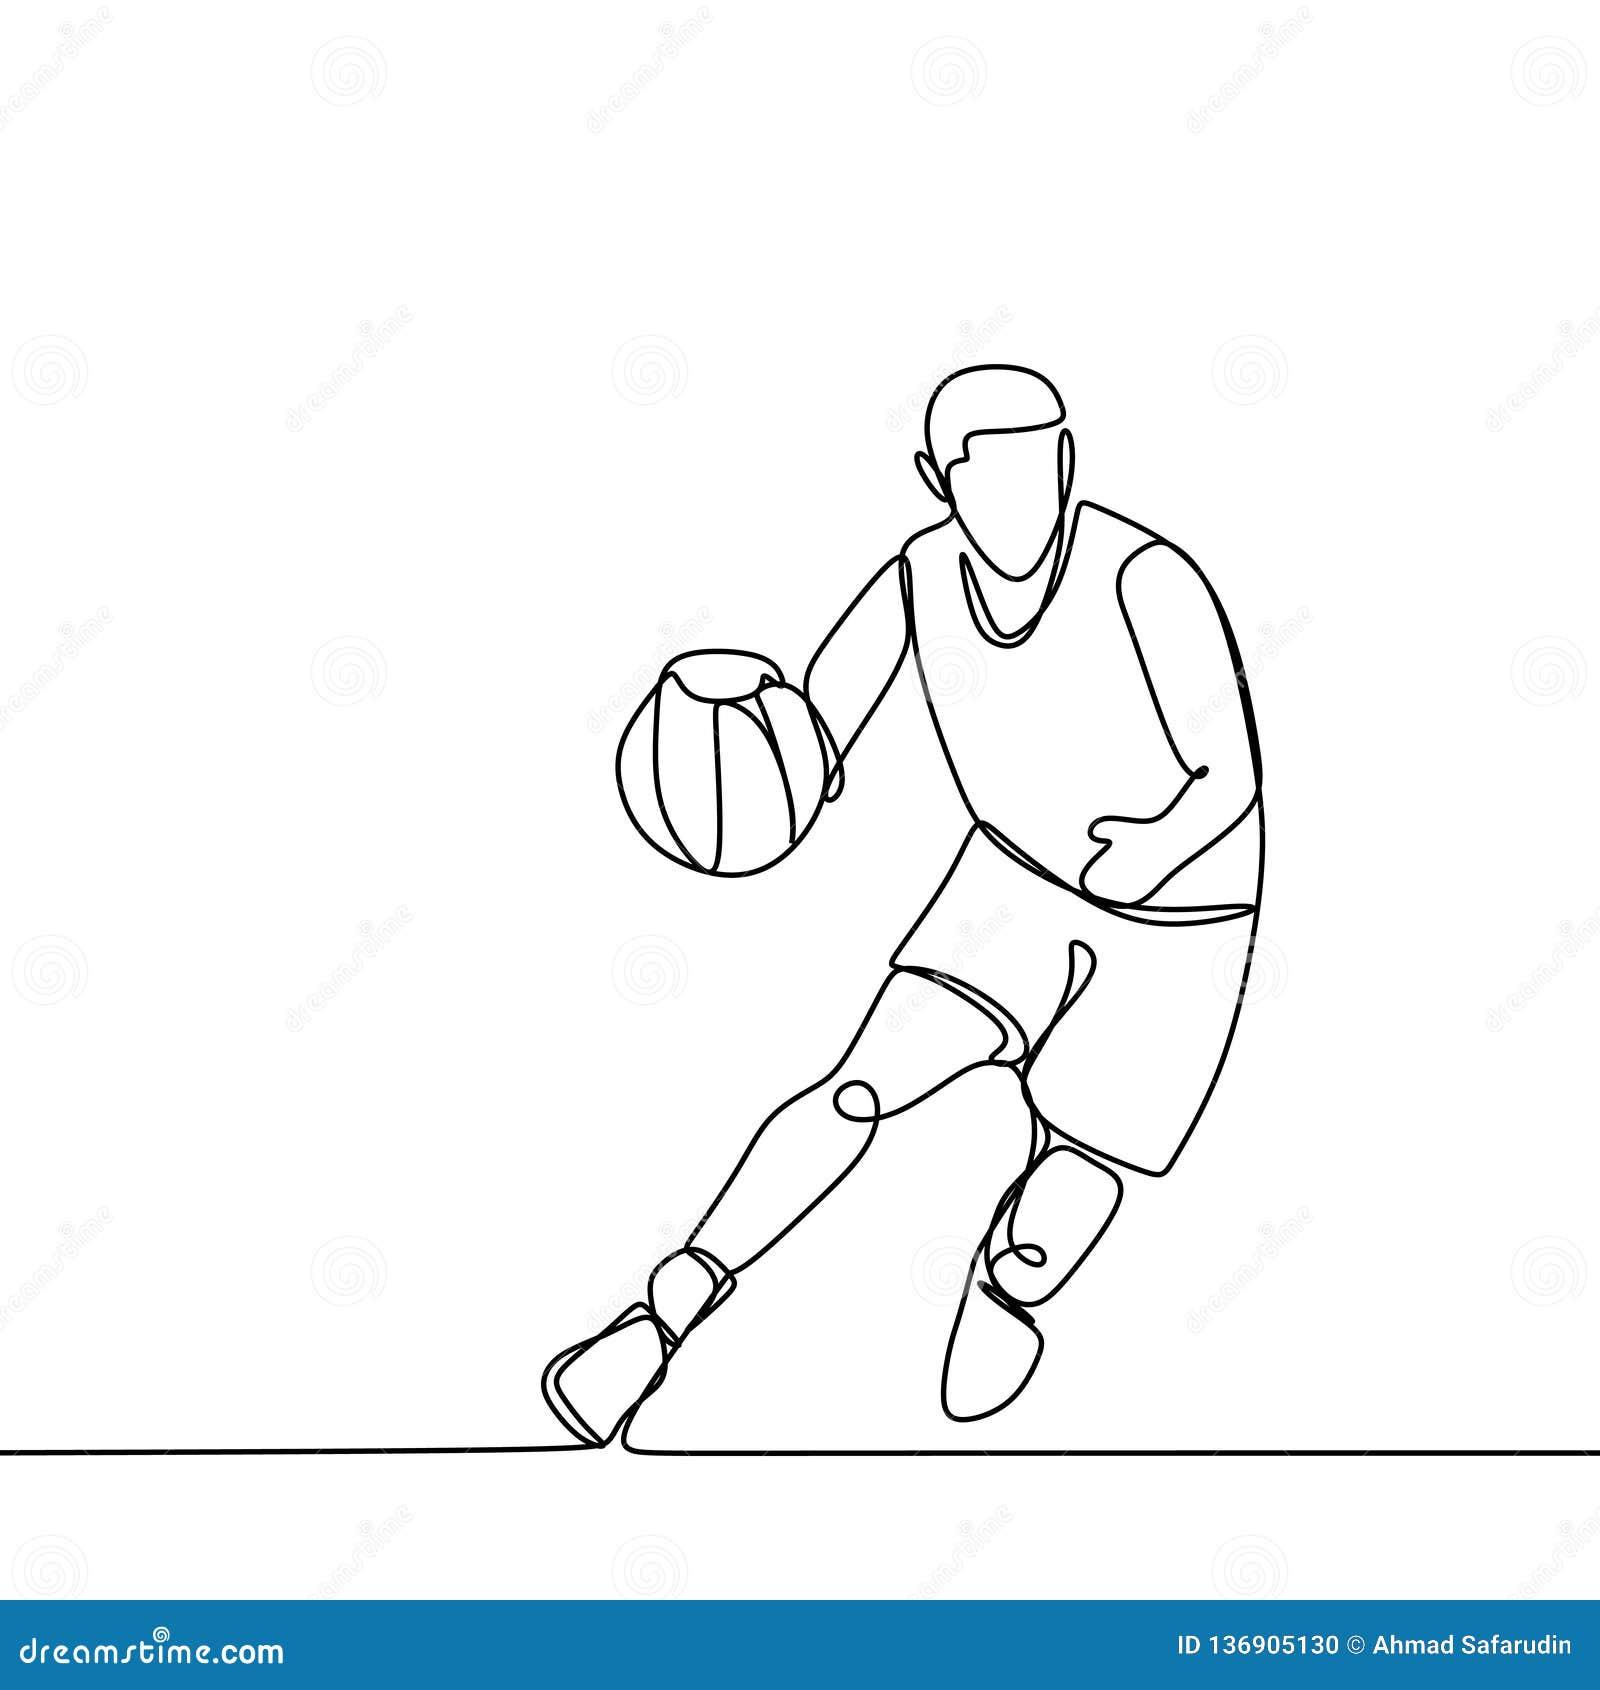 在相配的比赛期间的篮球运动员,滴下球的他 连续的个别线路图画传染媒介例证 Lineart体育题材